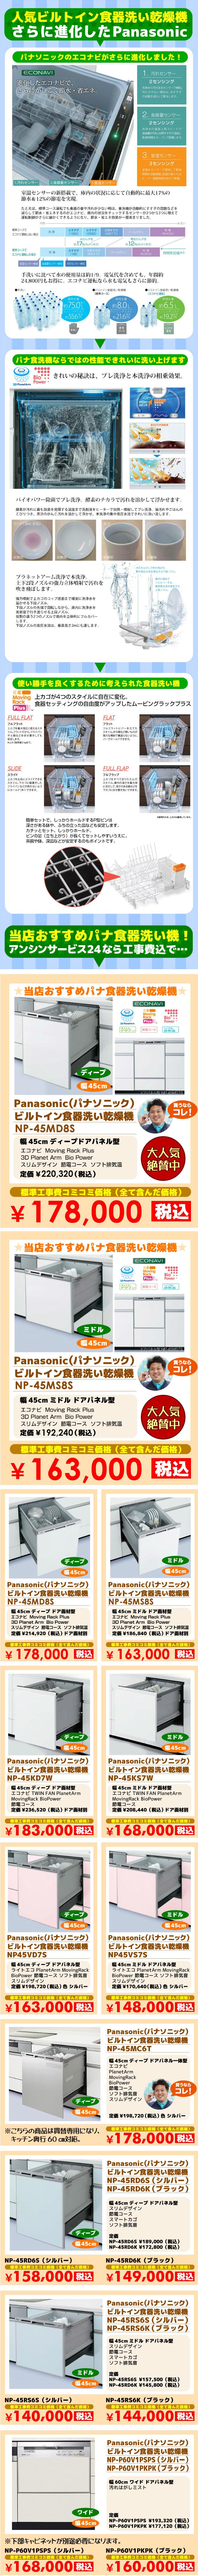 Panasonic(パナソニック)の食器洗い機